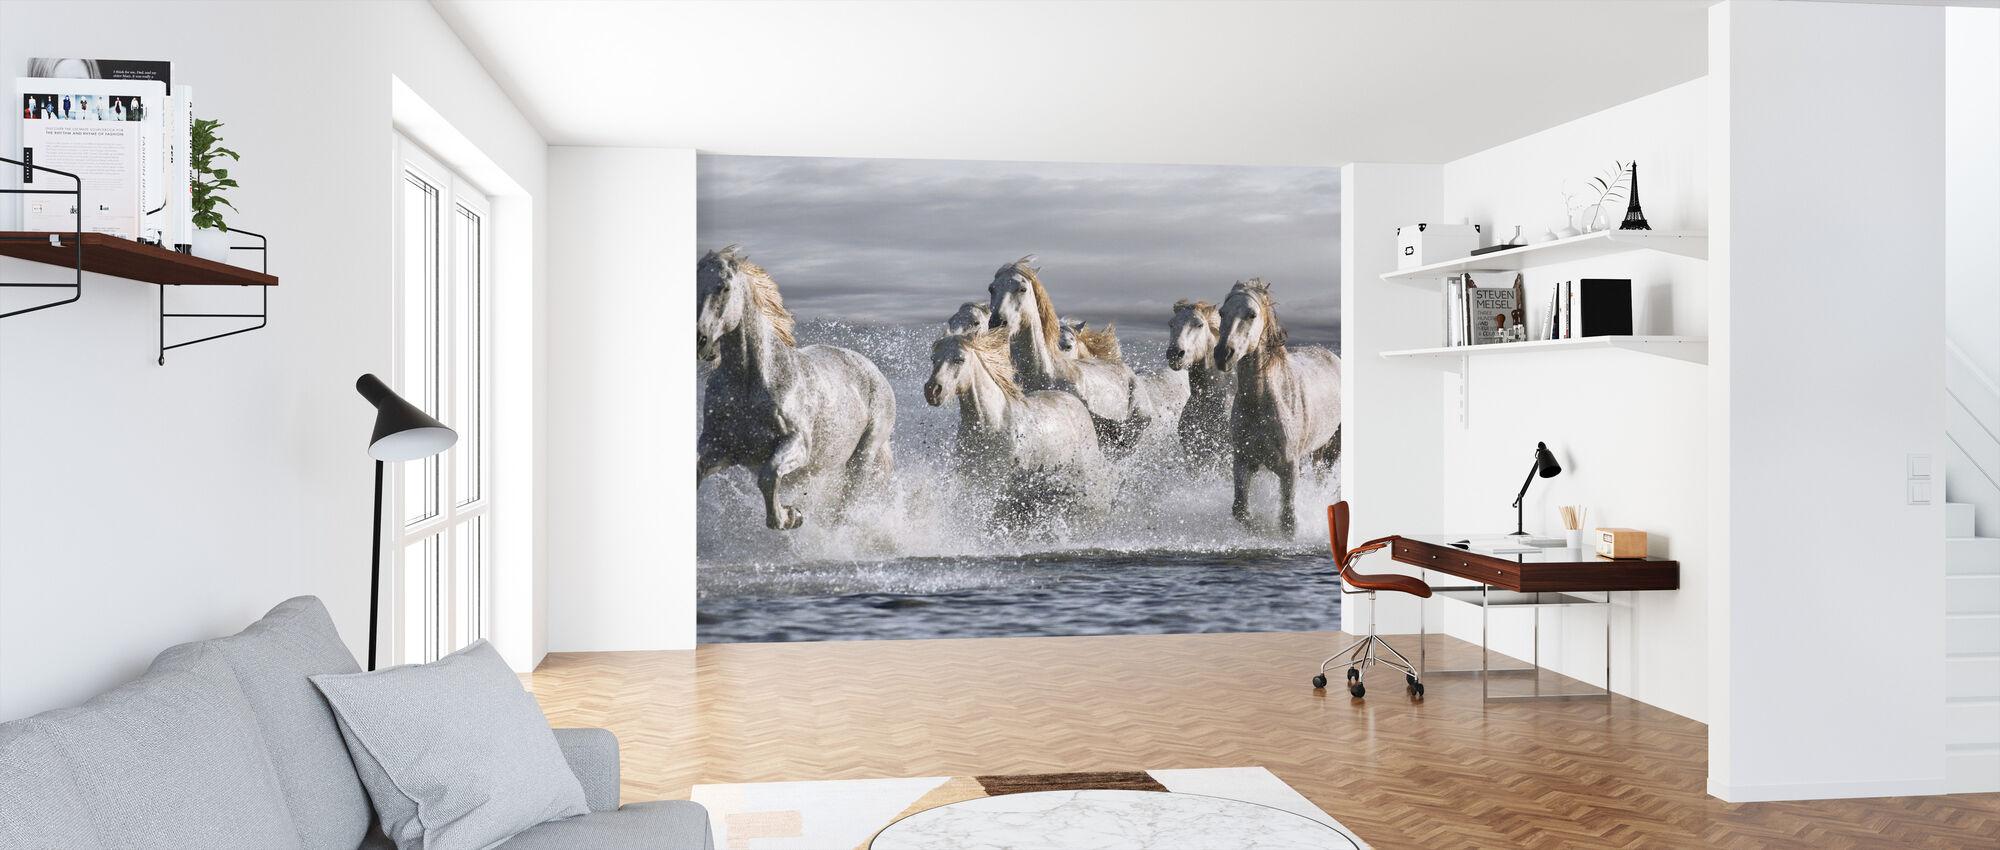 Hevoset Juoksu rannalla - Tapetti - Toimisto